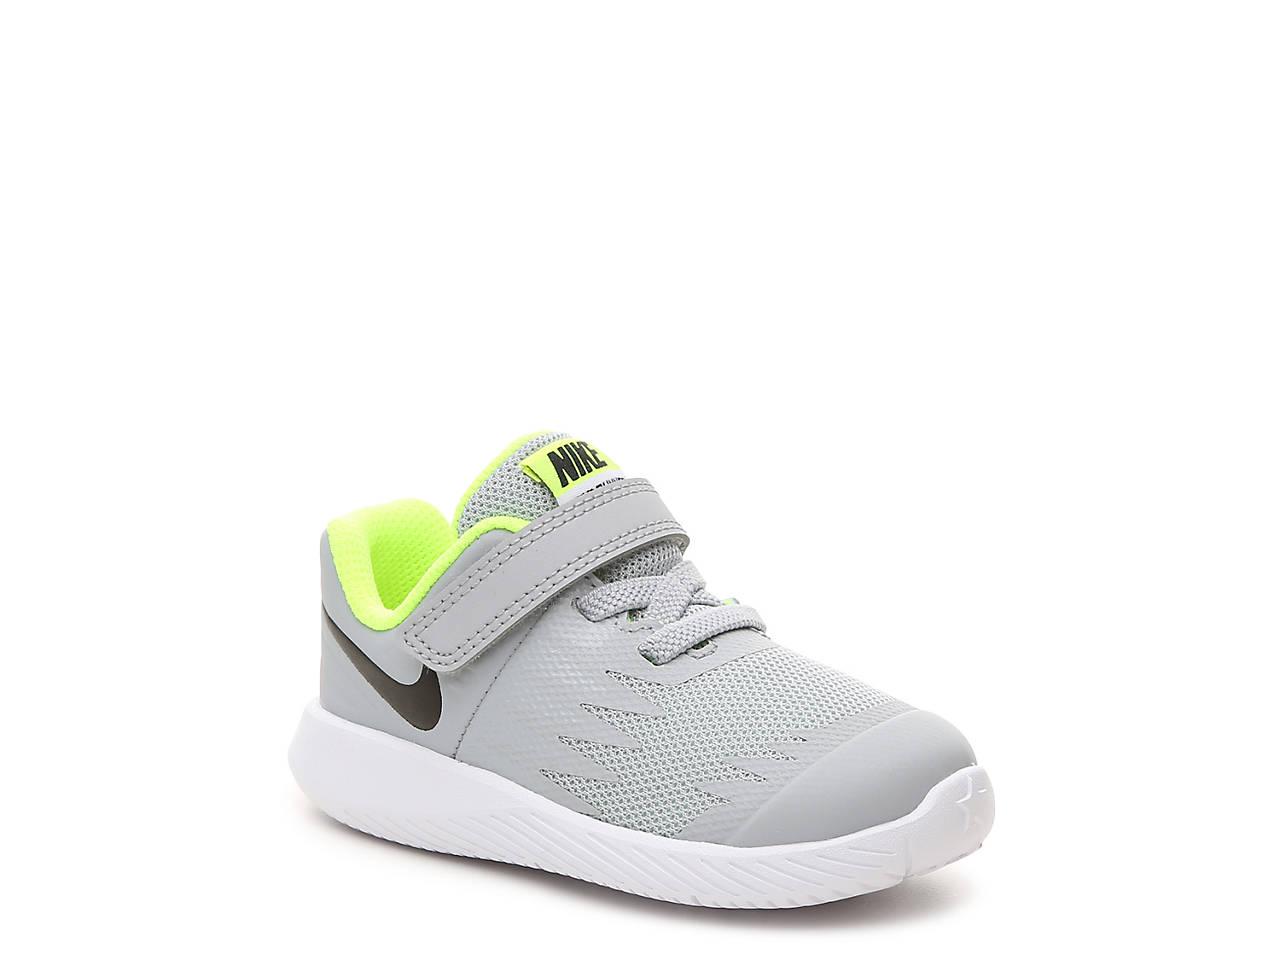 ed893bac0e Nike Star Runner Infant & Toddler Sneaker Kids Shoes | DSW